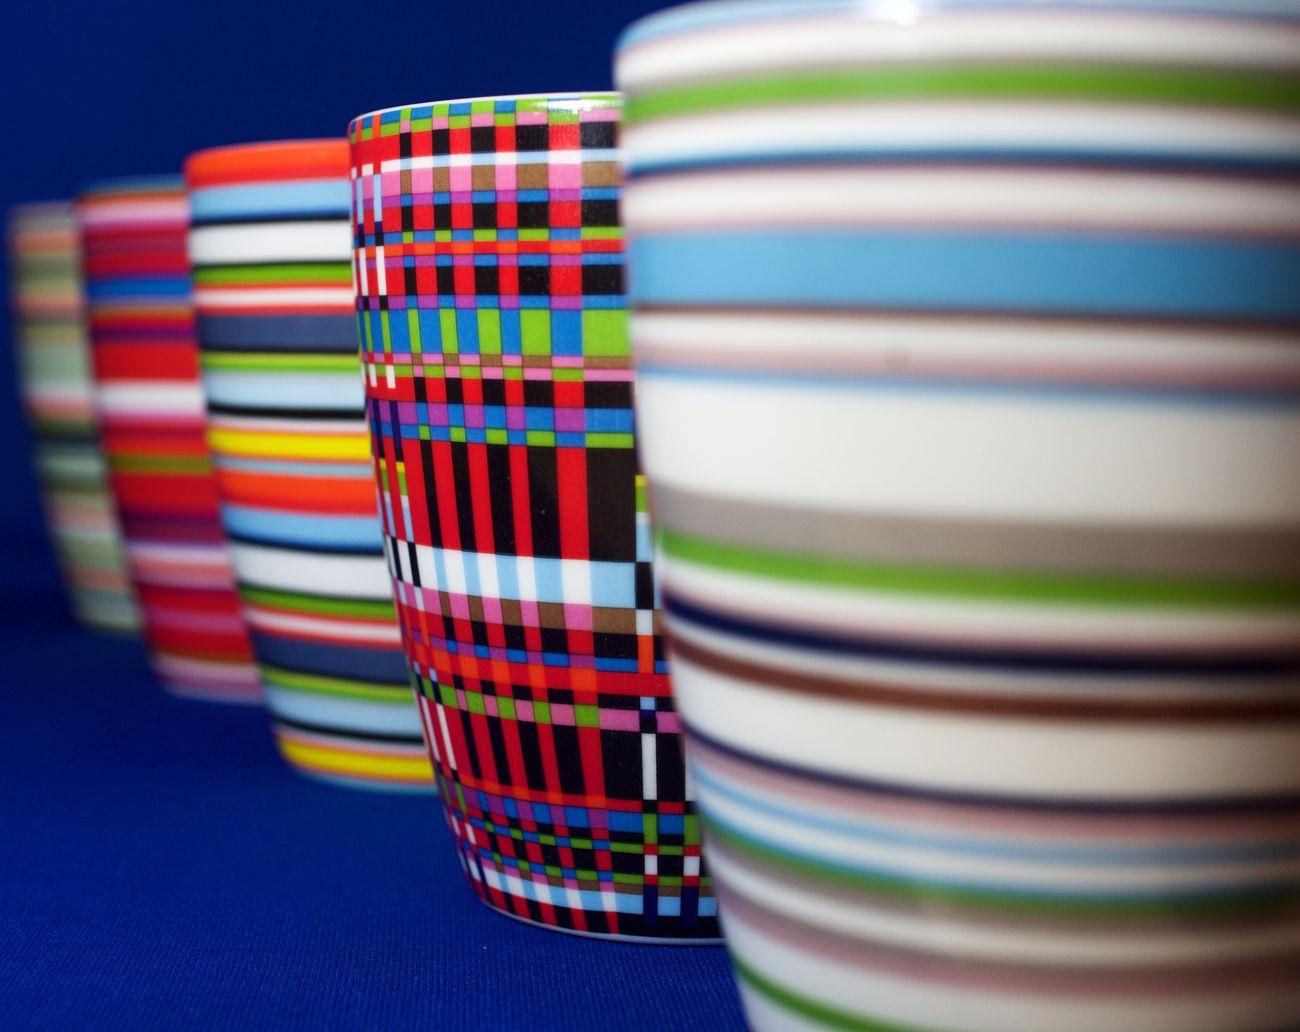 イッタラ Iittala Origo 奥行き マグカップ Kitchen Colorful Lovely